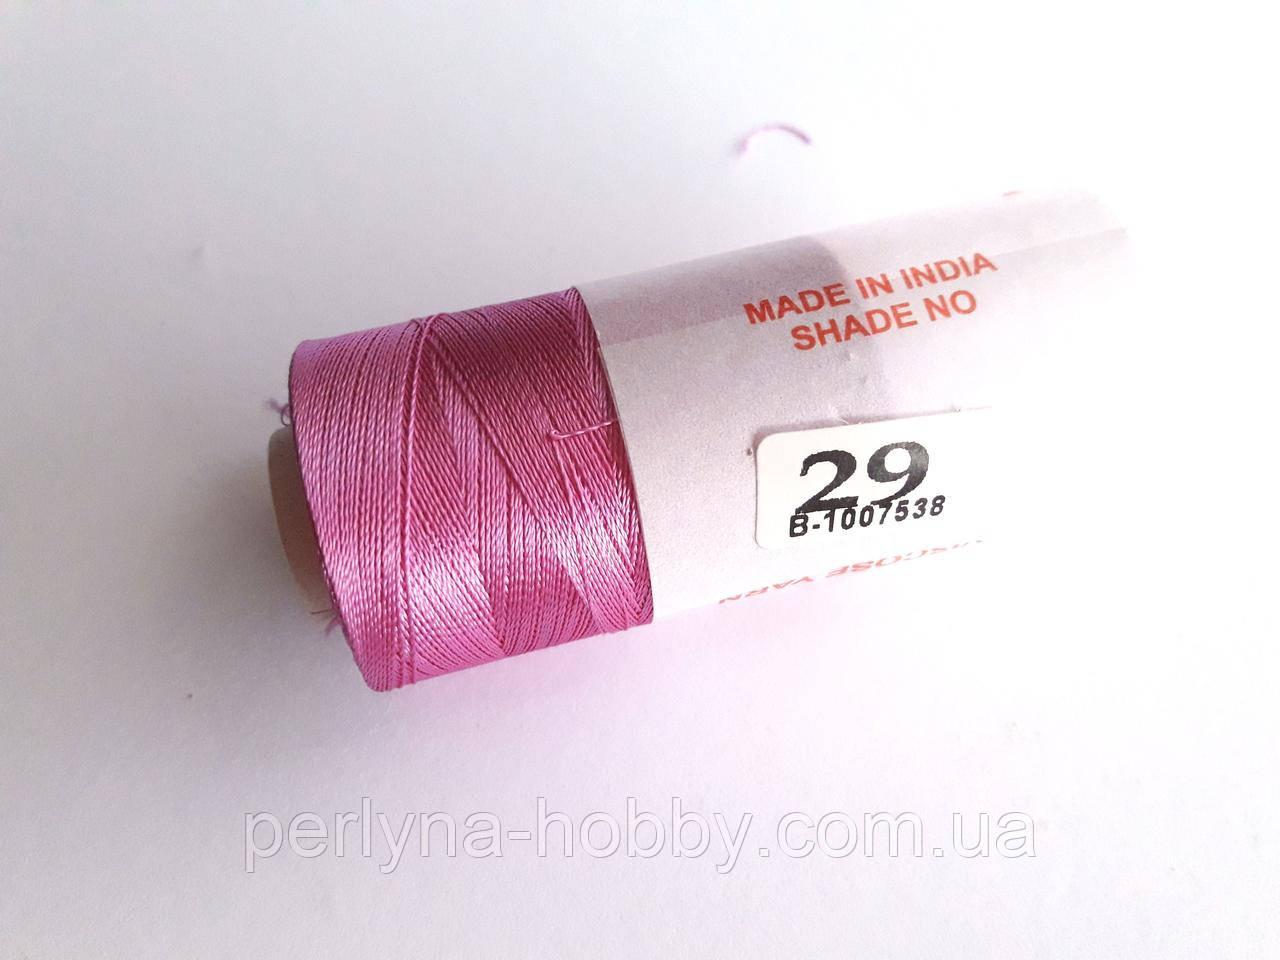 Нитки шелковые вискоза, для ручной и машинной вышивки, для серг-кисточек. Рожево-ліловий. №29 АВ